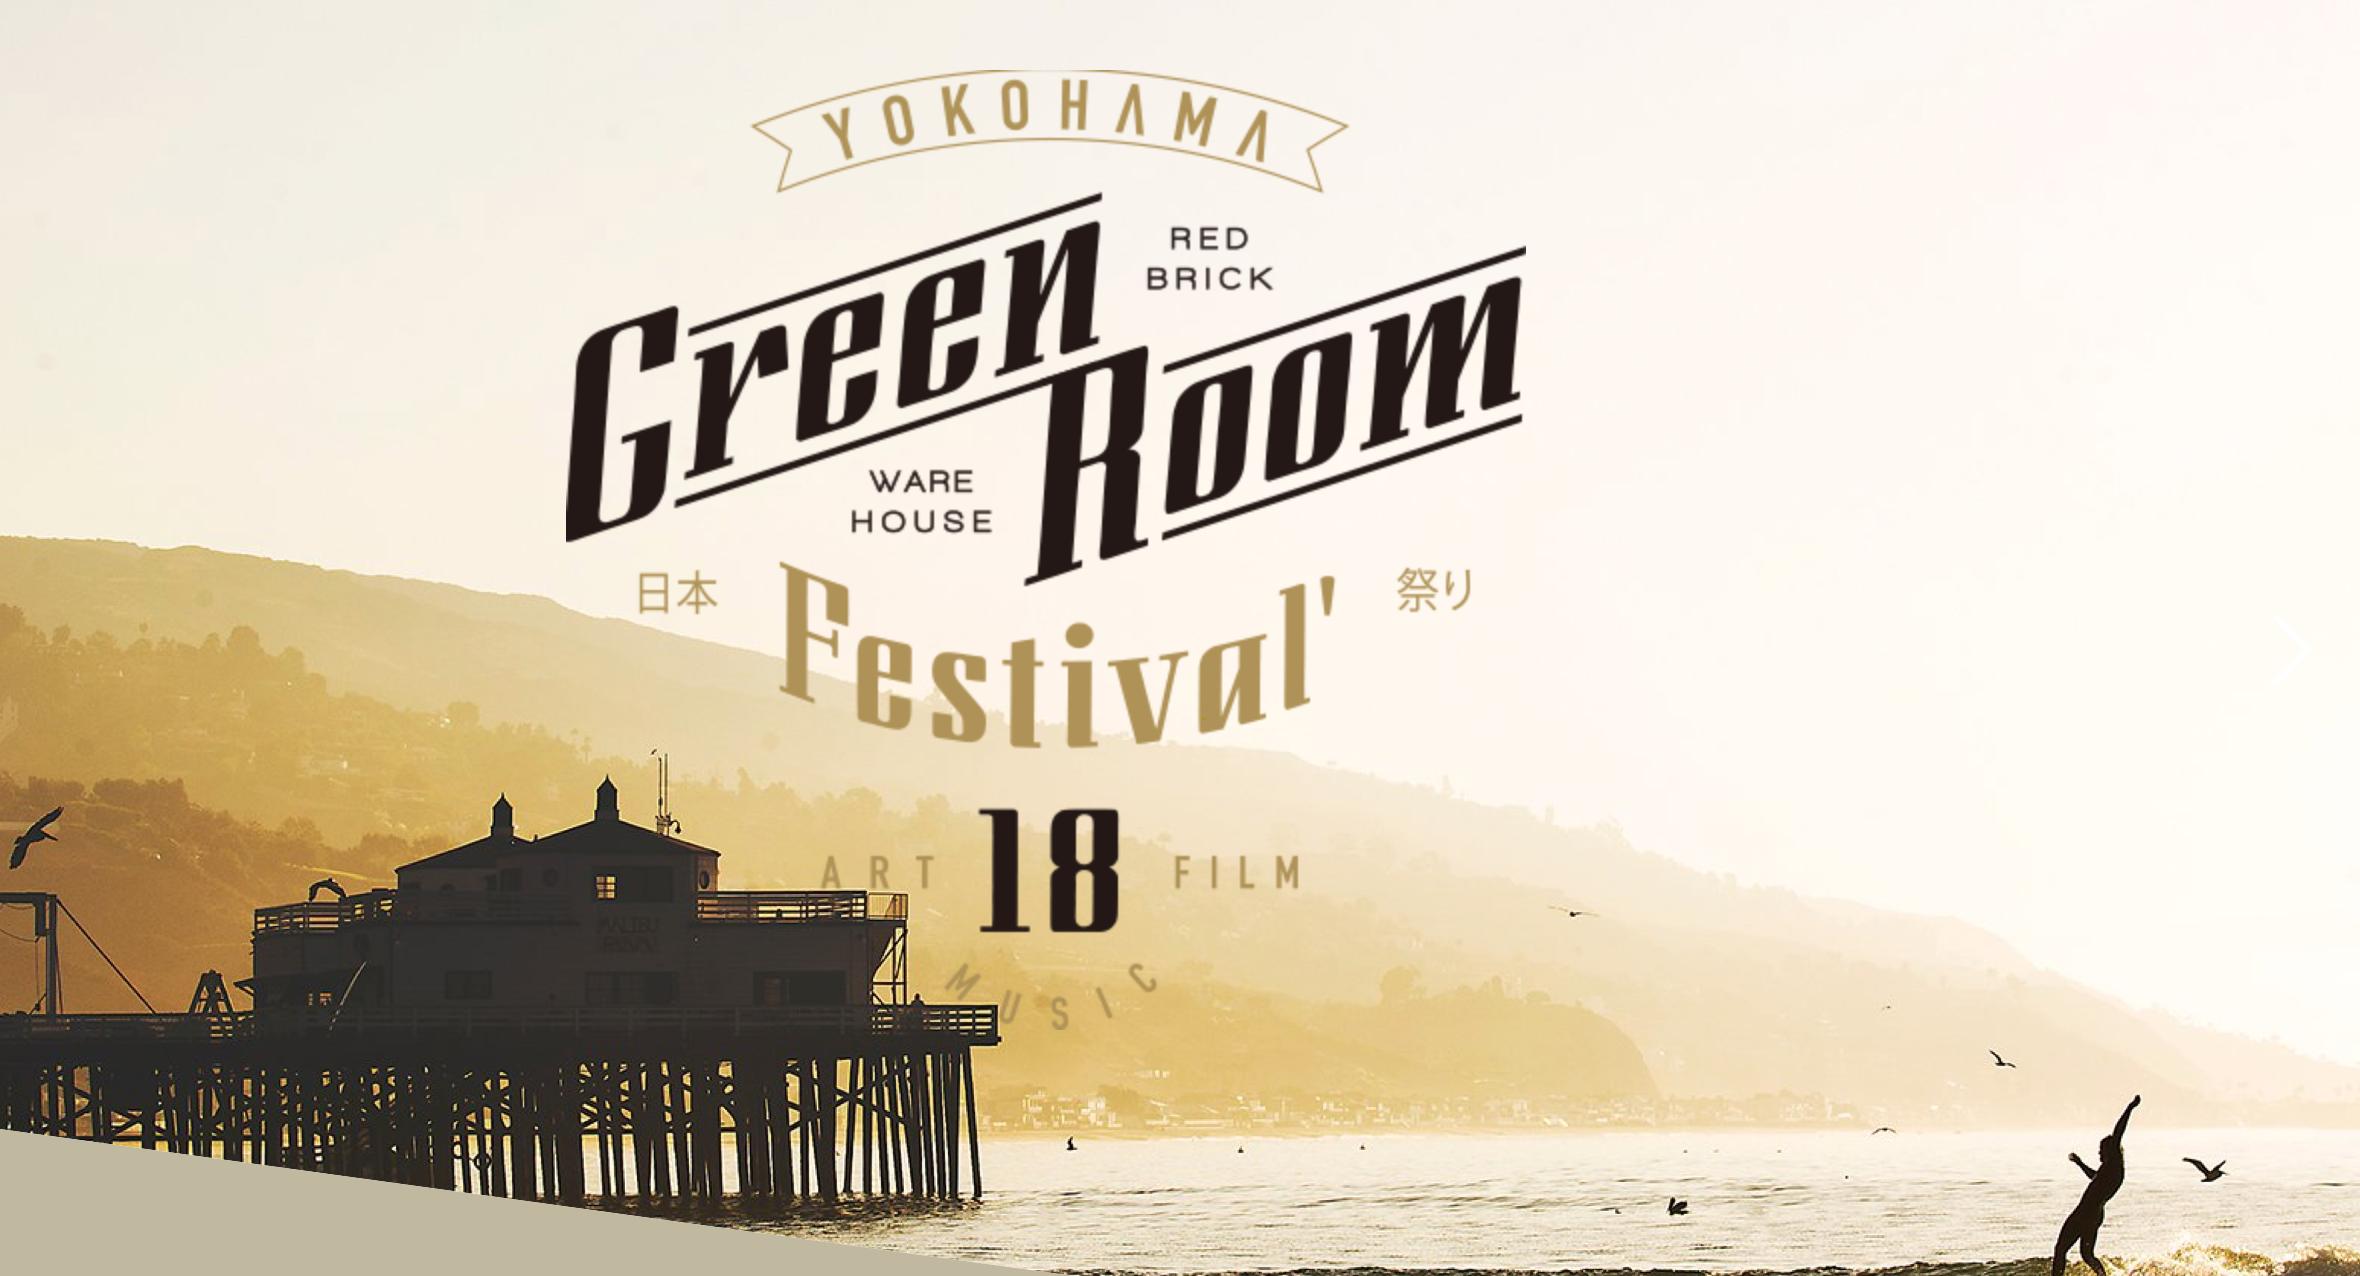 【音楽フェス】Greenroom Festivalで絶対見たいアーティスト・バンド9選